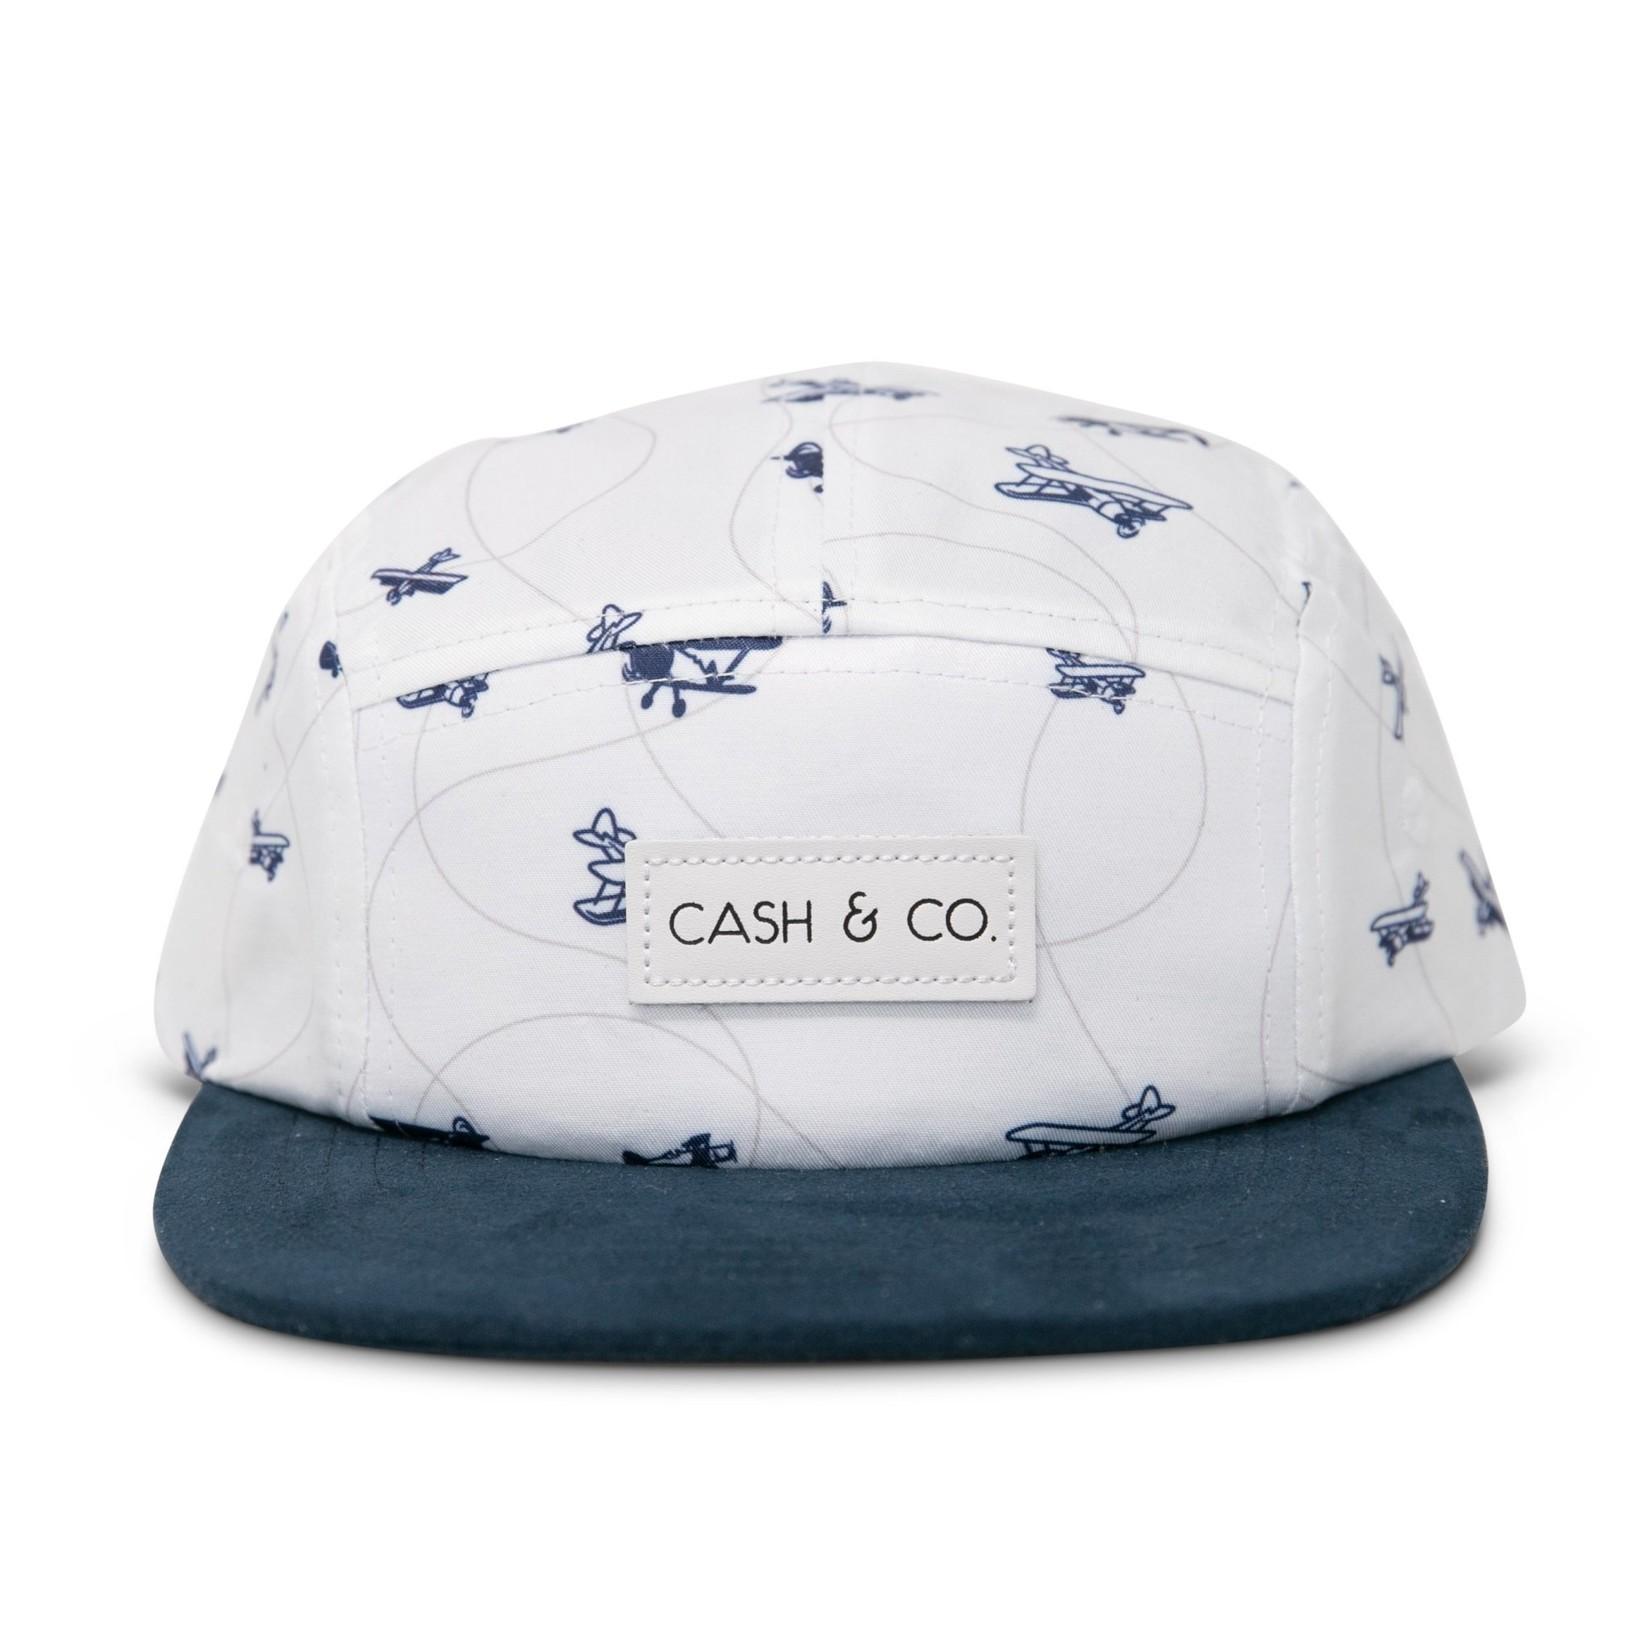 Cash & Co Maverick Hat